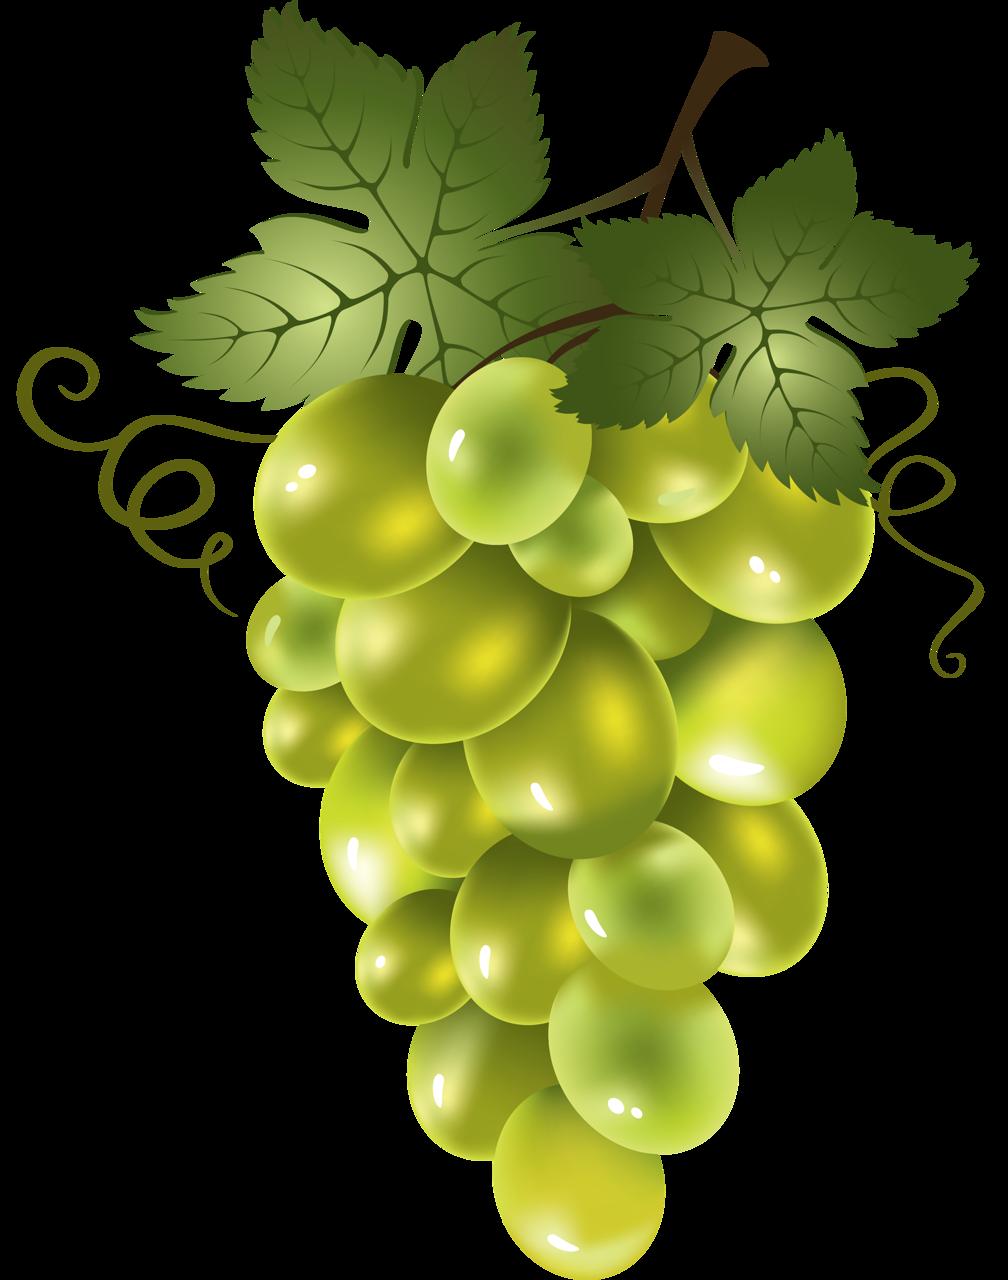 держал картинка виноградной ветки может